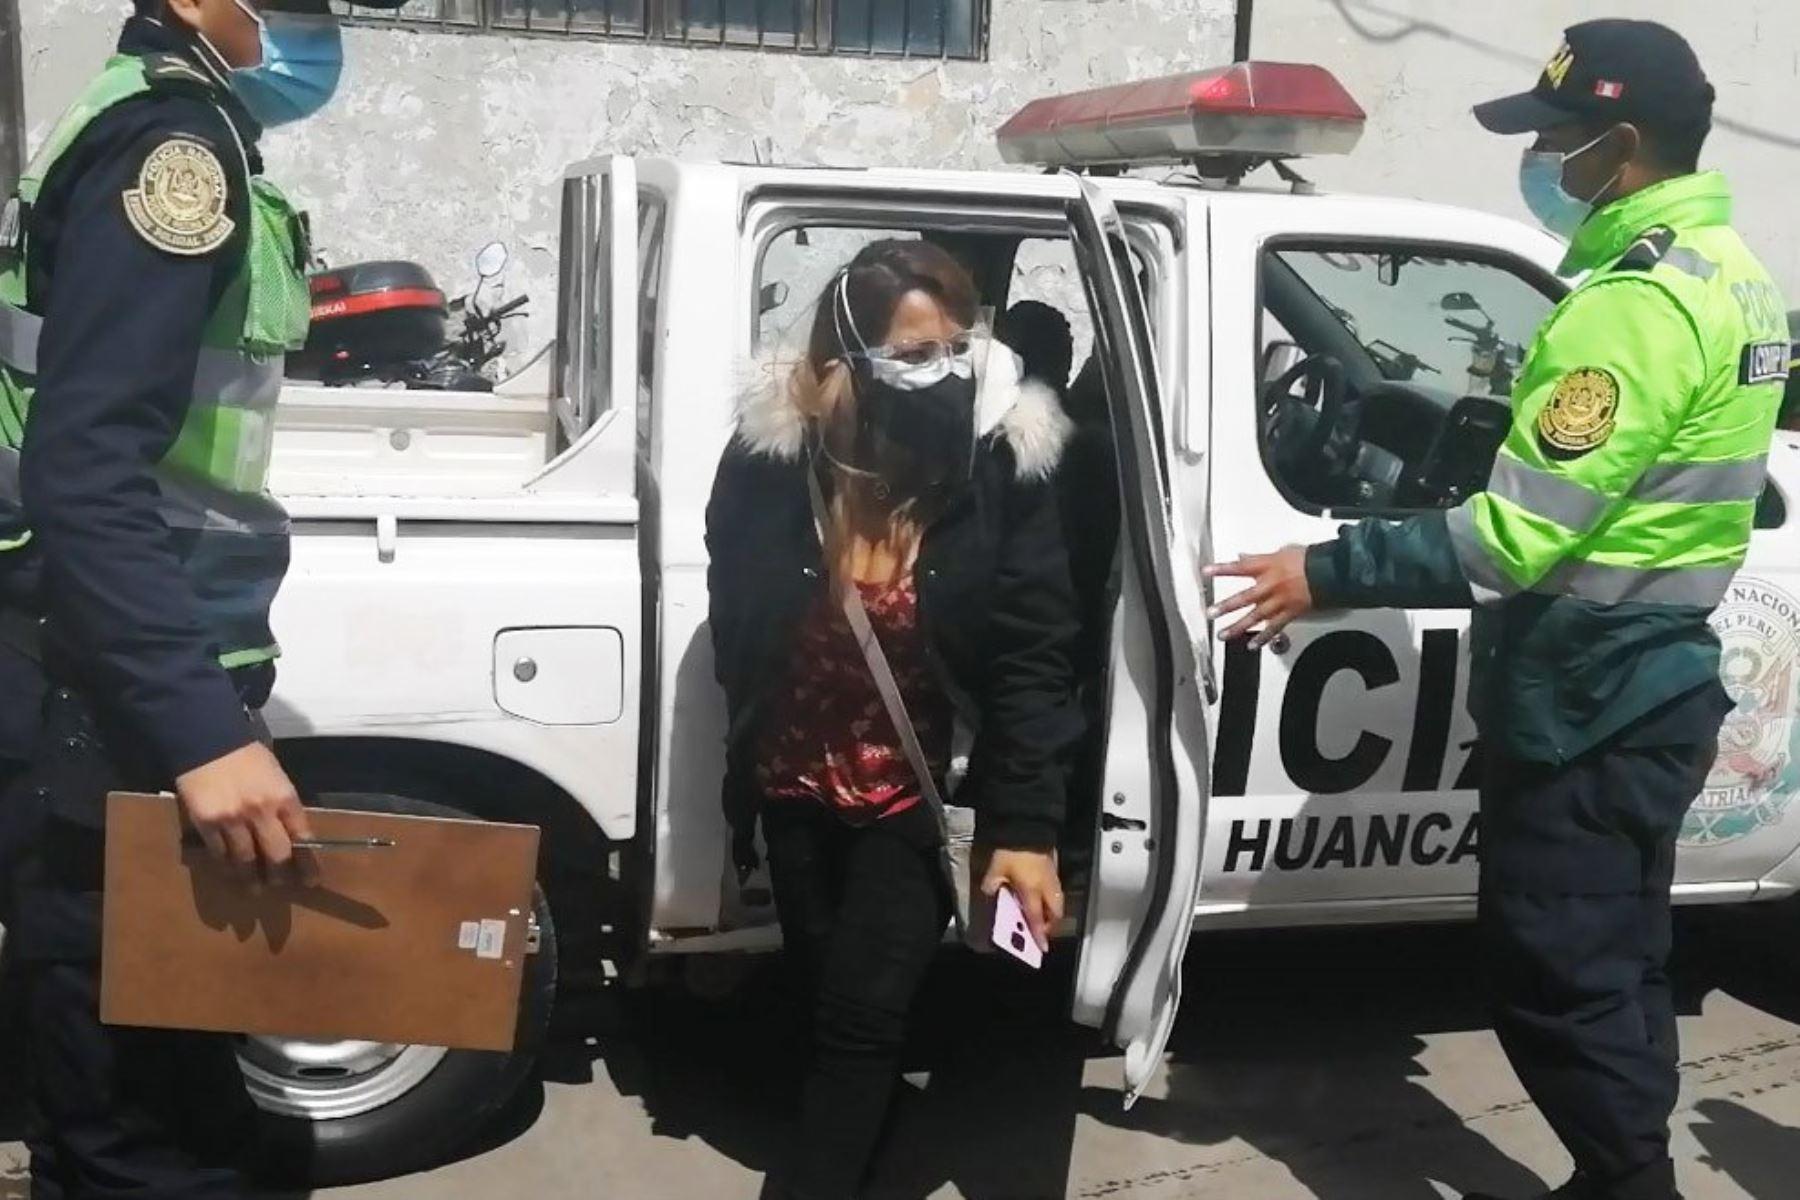 Natali Palomino Sánchez fue acusada de estafa por ofrecer cama UCI a cambio de 4,000 soles en el hospital Carrión, de Huancayo. Foto: ANDINA/difusión.